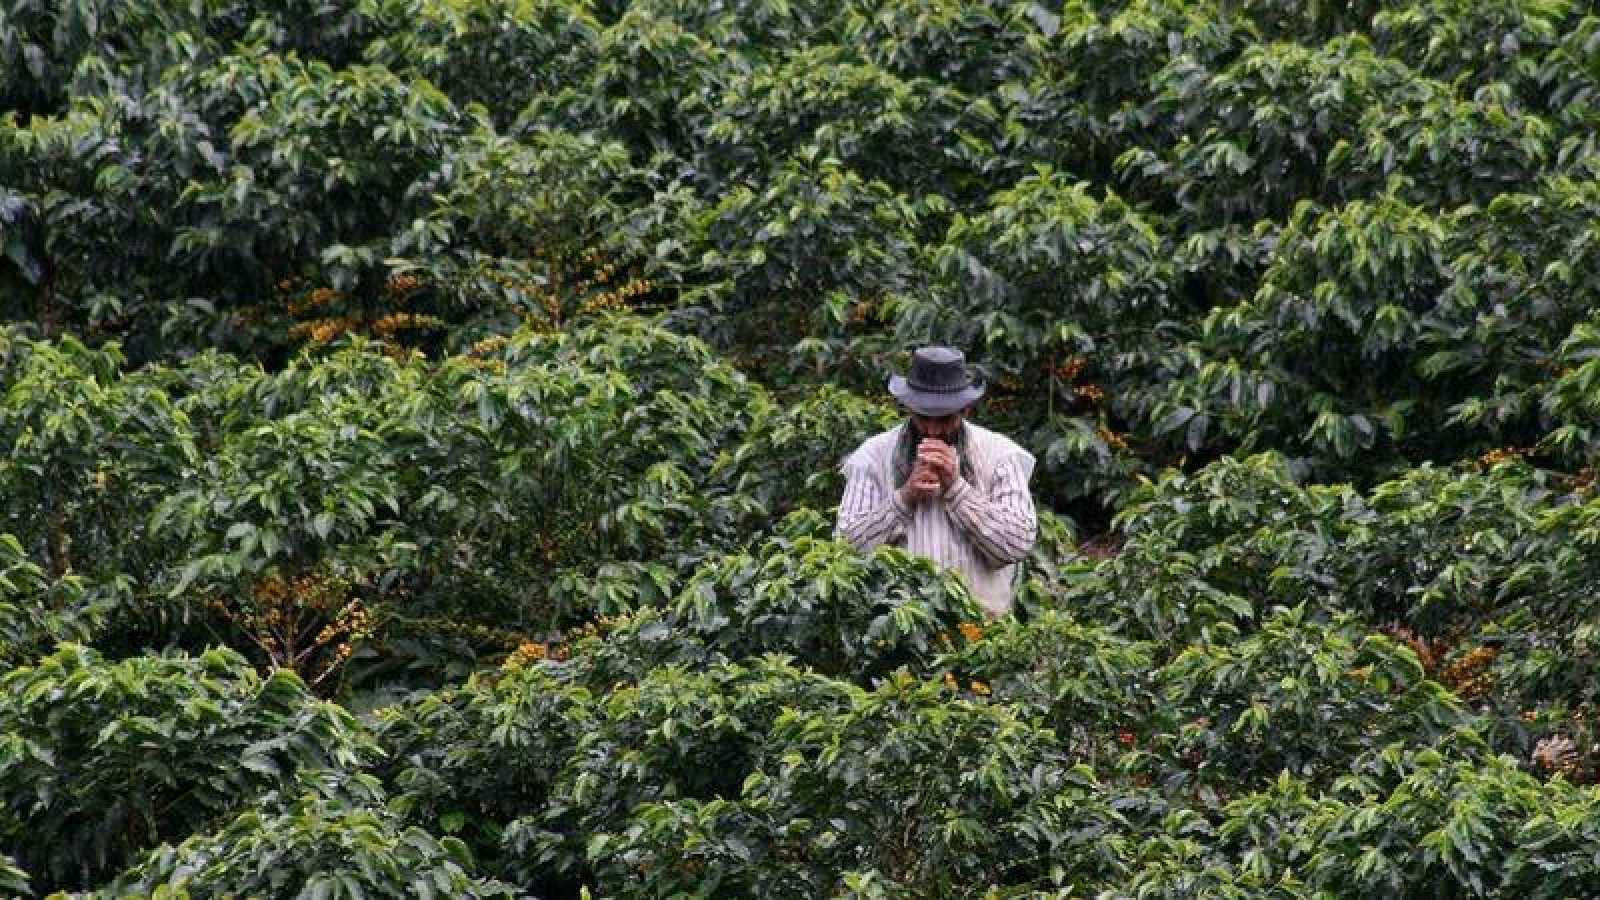 Un agricultor colombiano toma un descanso en un cafetal de Chinchiná, departamento de Caldas.